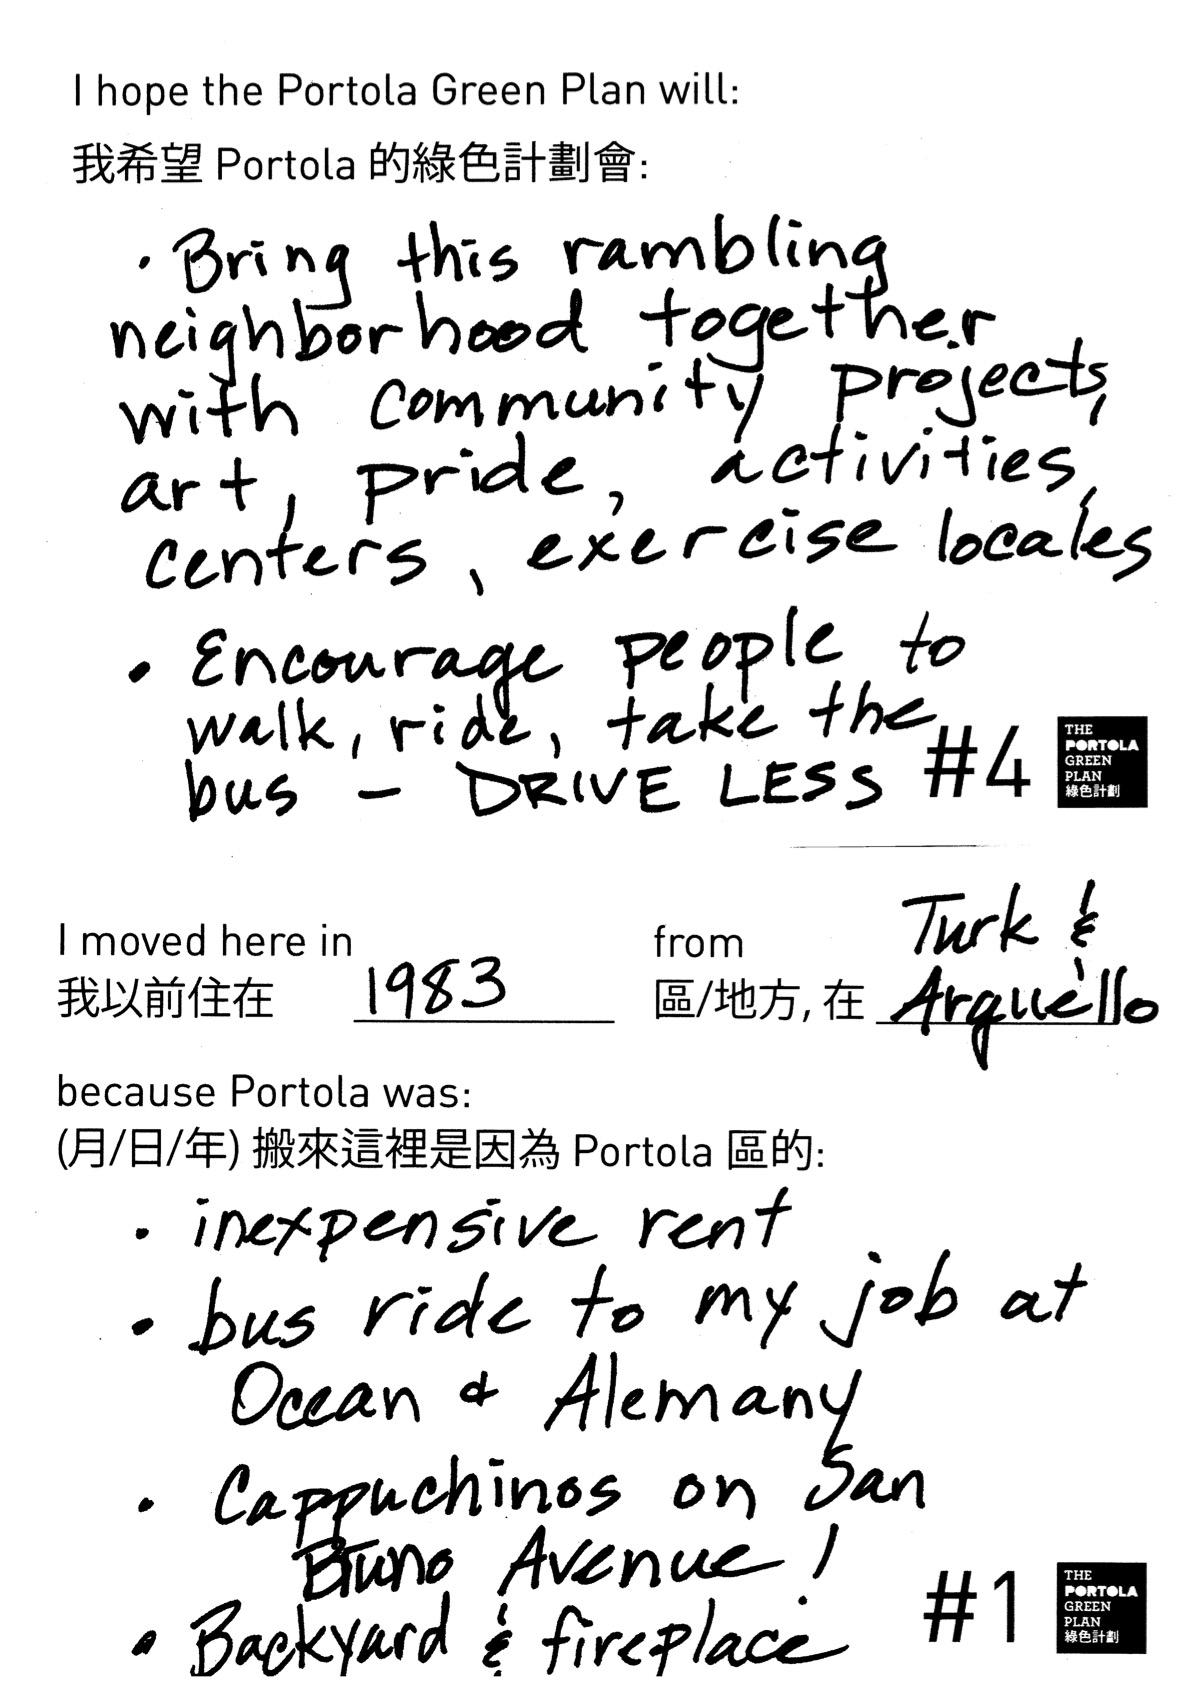 PugPostcards-49.jpeg